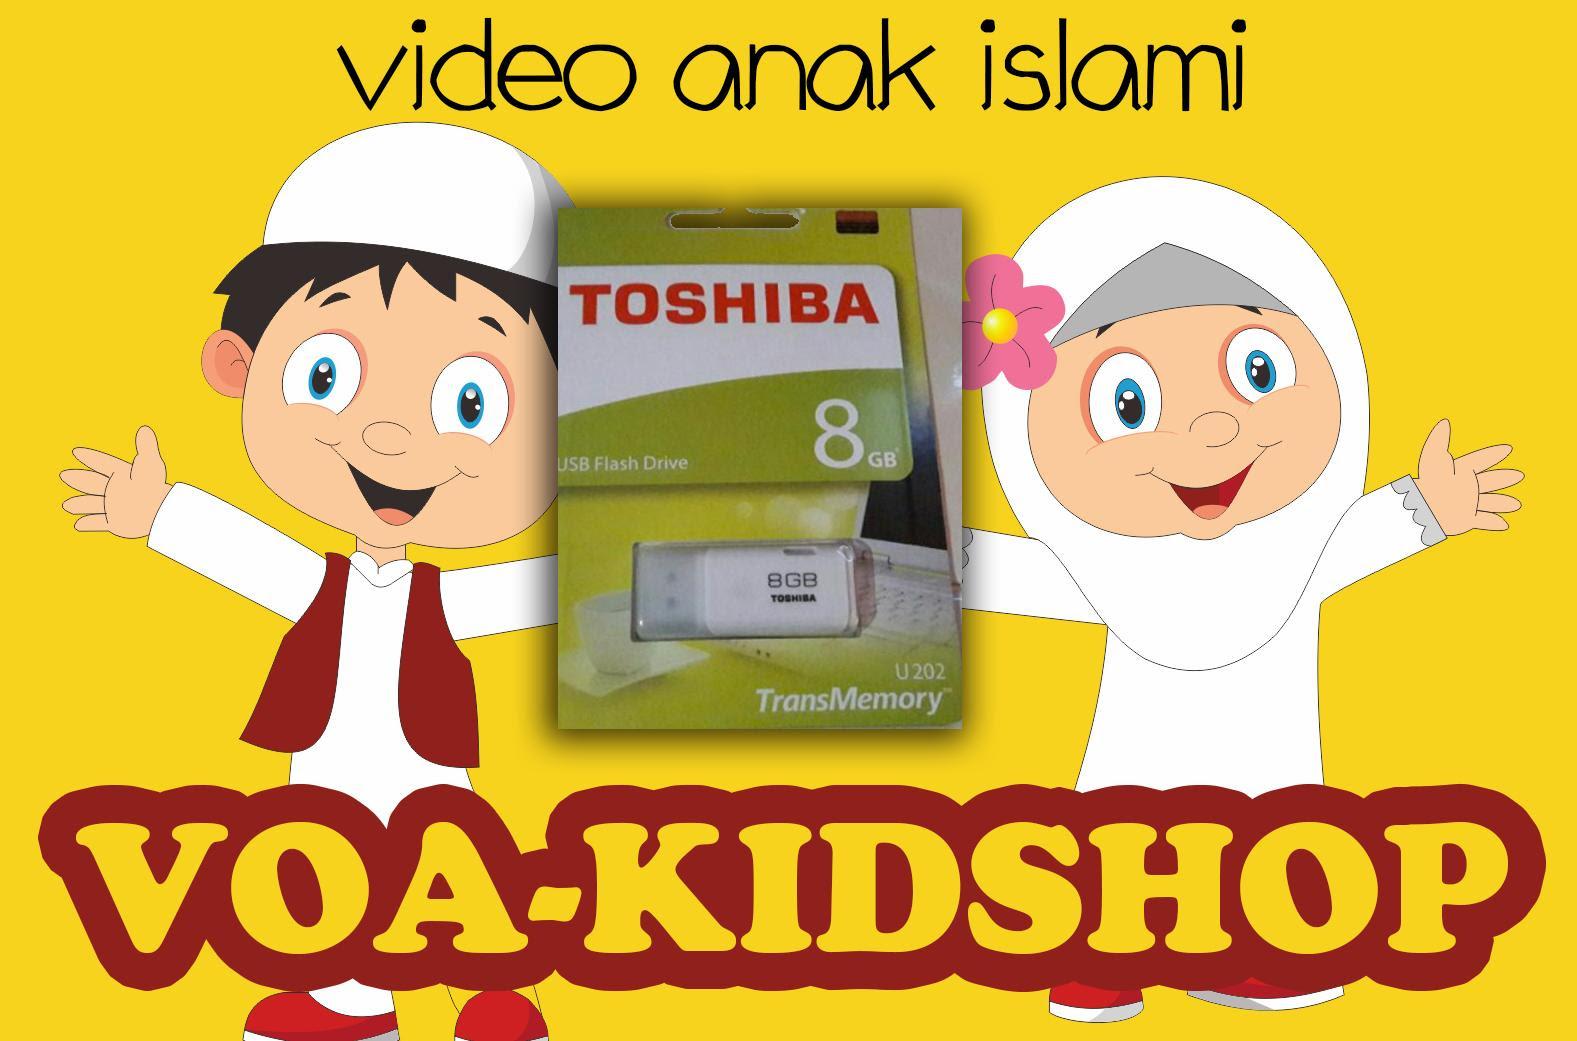 Kumpulan Cerita Animasi Anak Muslim Gokil Abis Flashdisk Edukasi Video Islam Solusi Mendidik Islami Voa